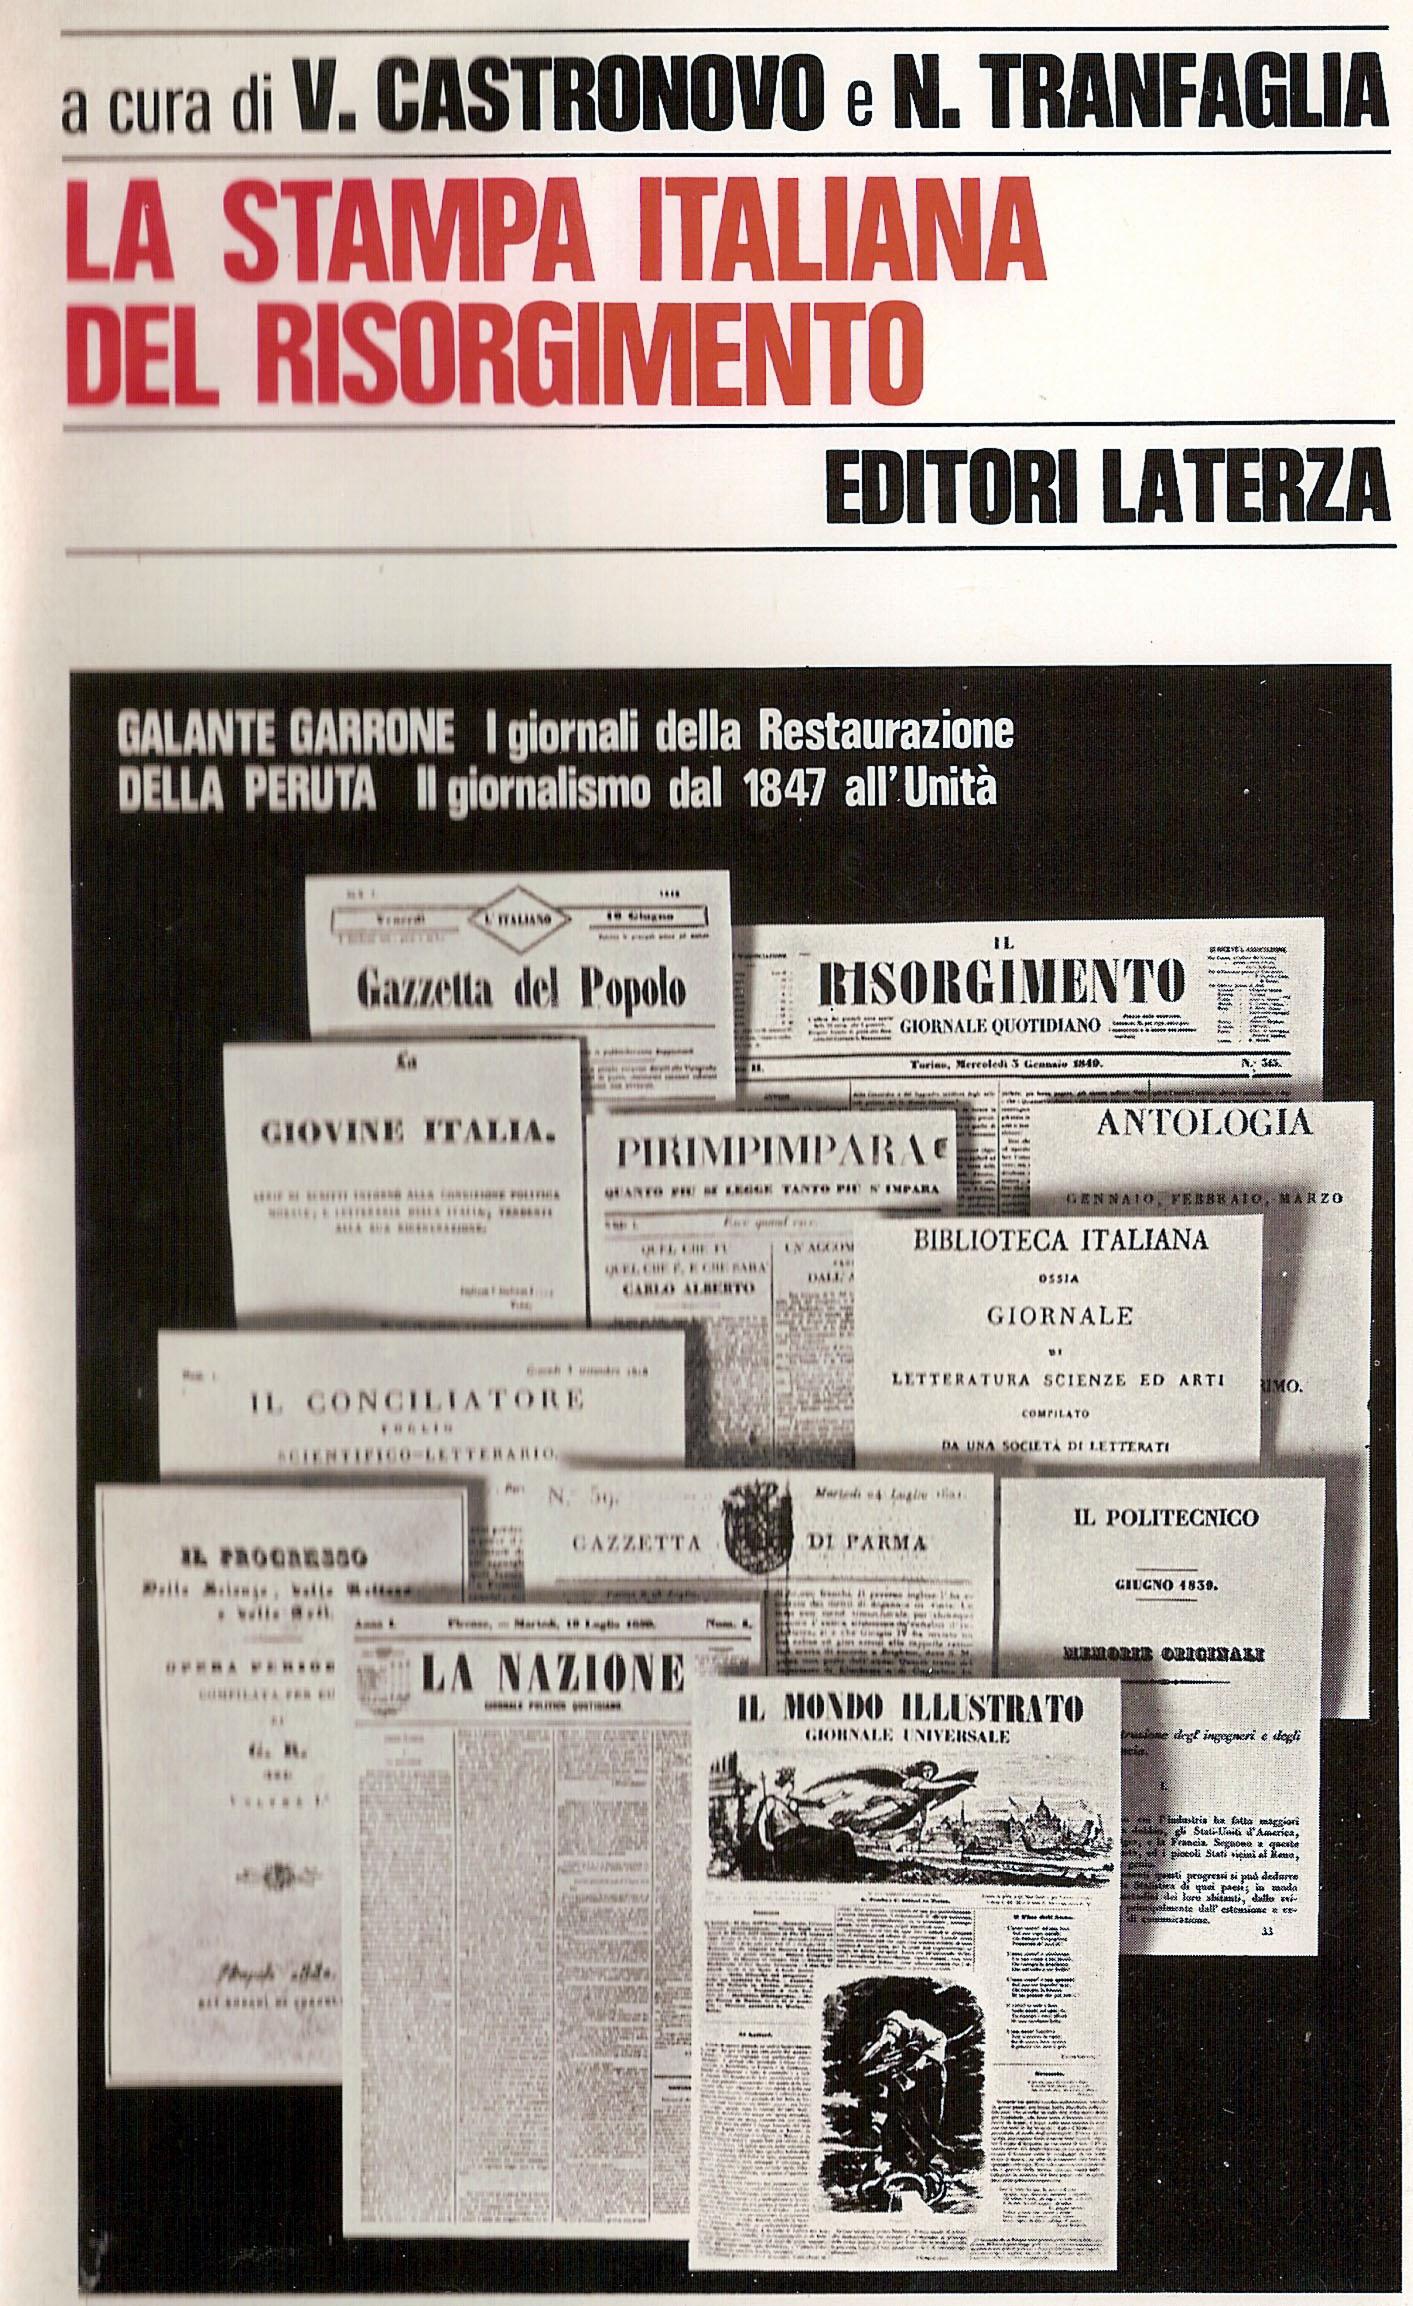 La stampa italiana del Risorgimento